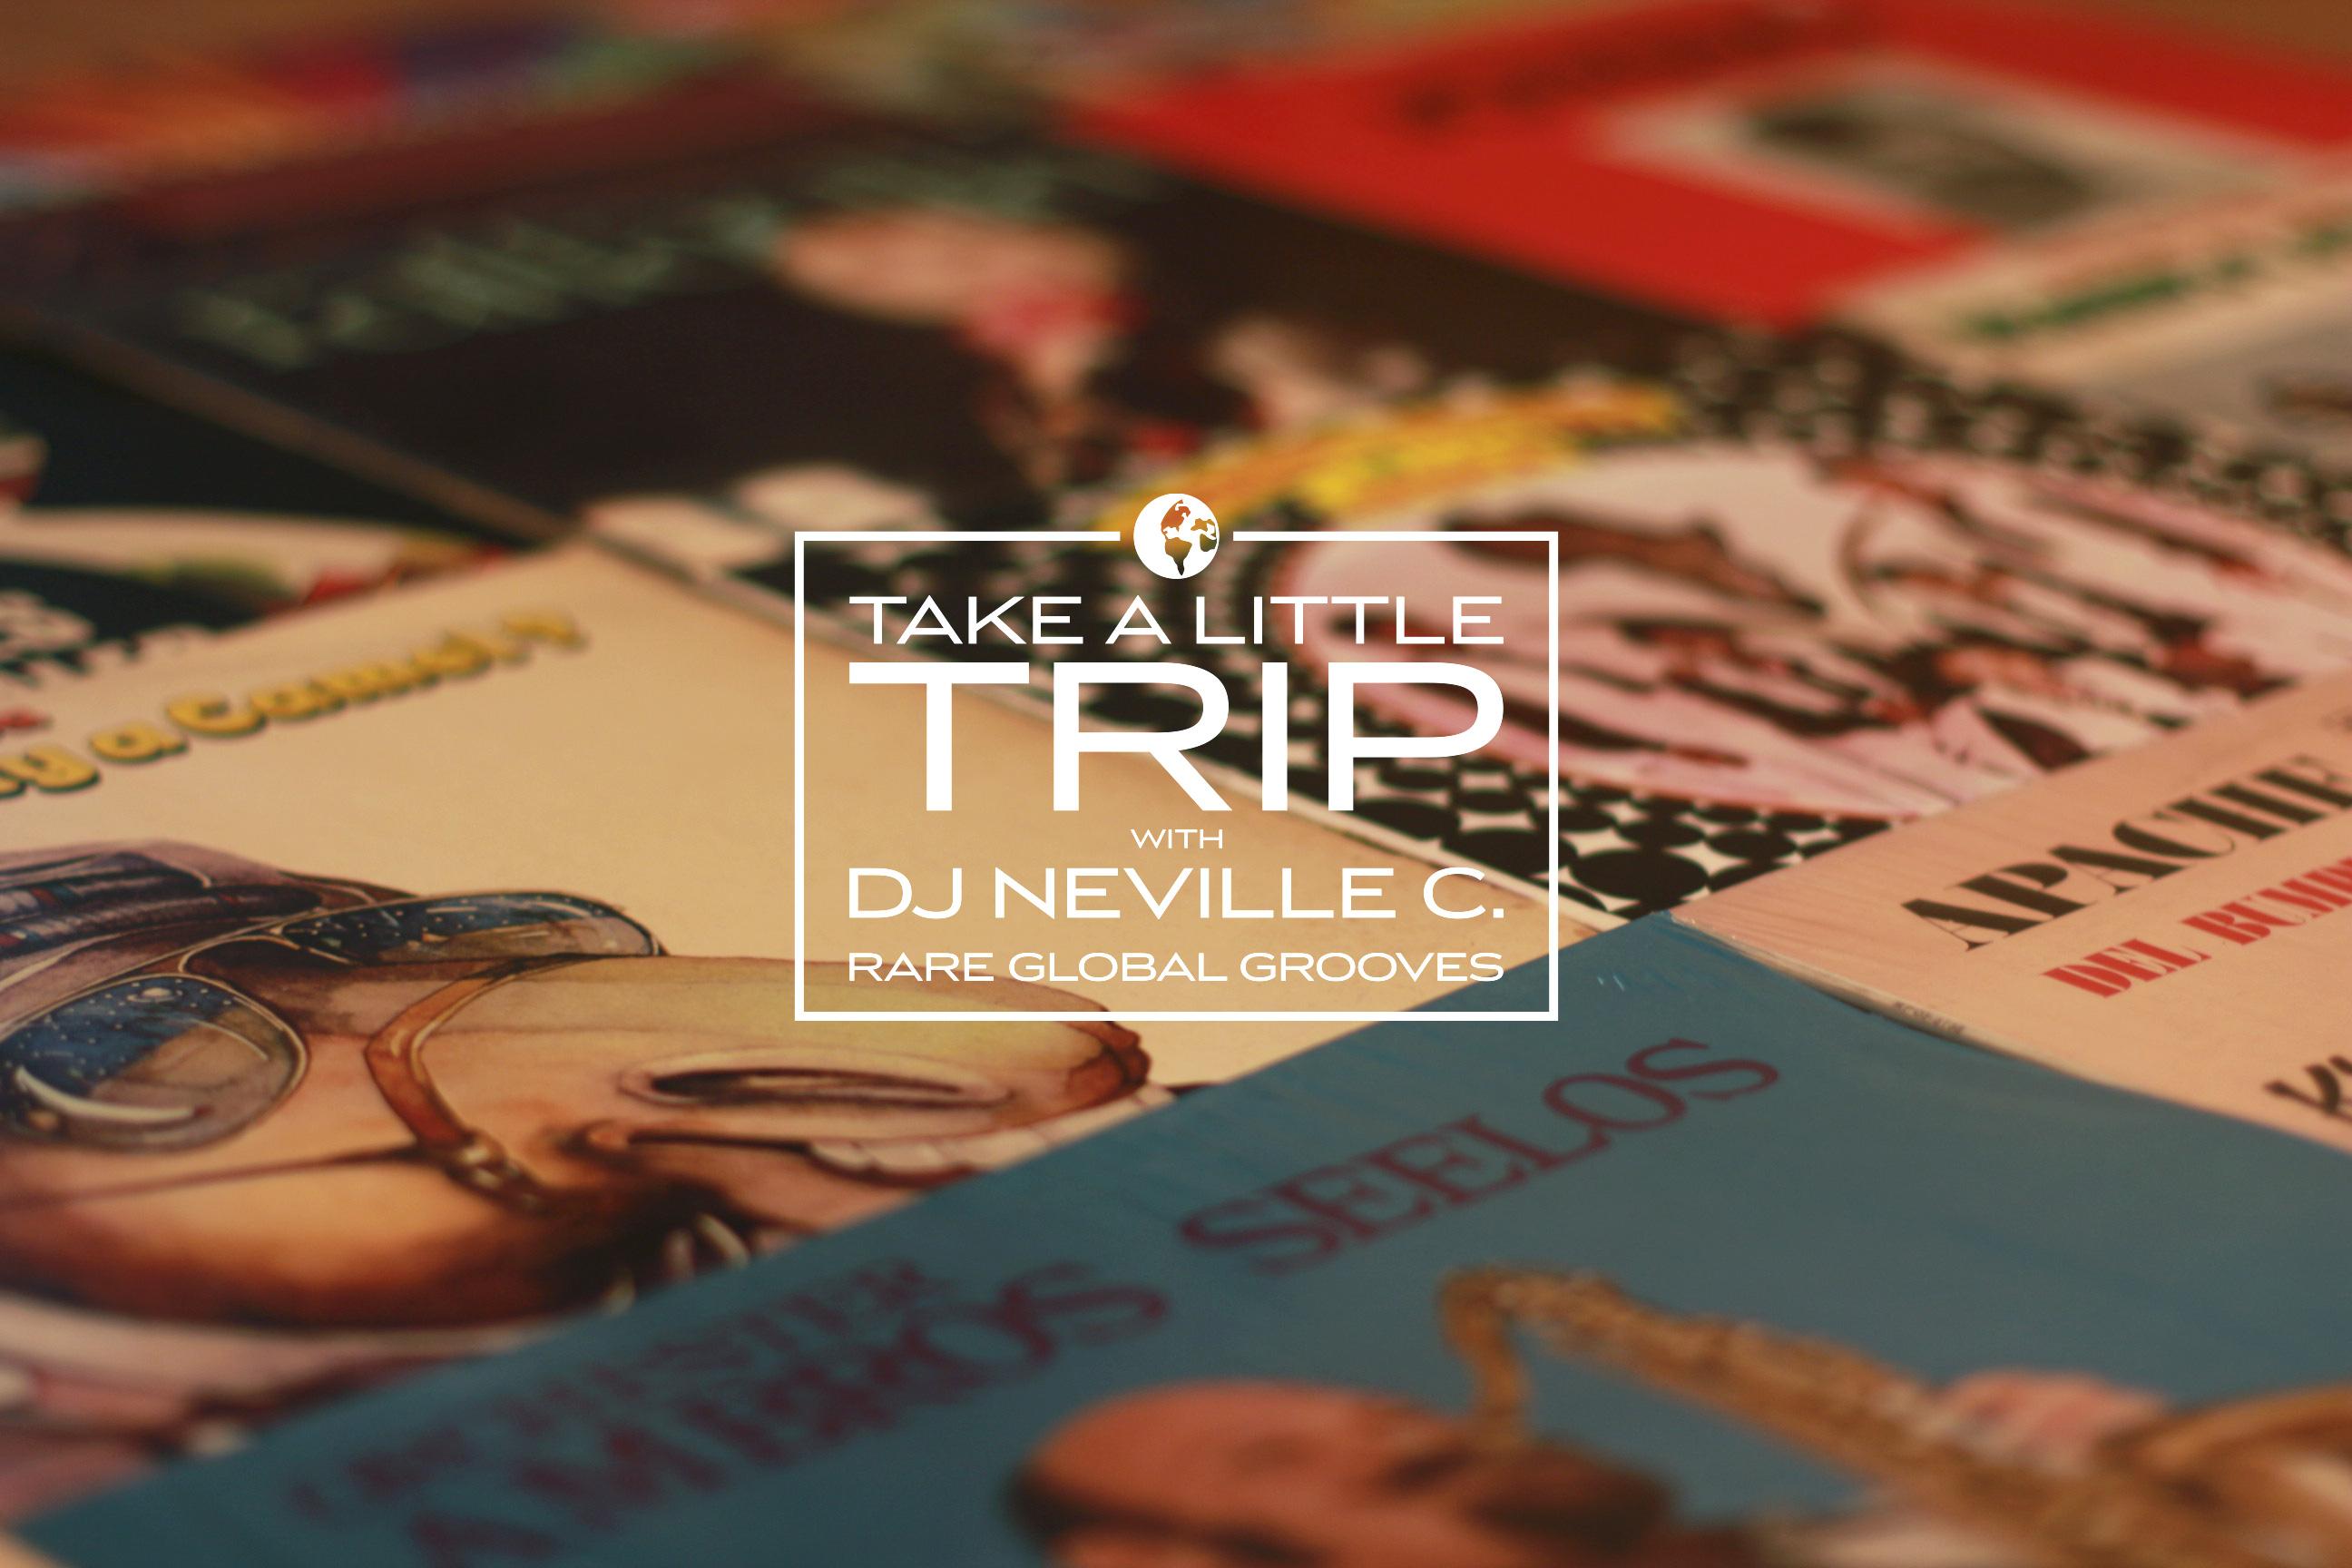 DJ Neville C - Take a Little Trip